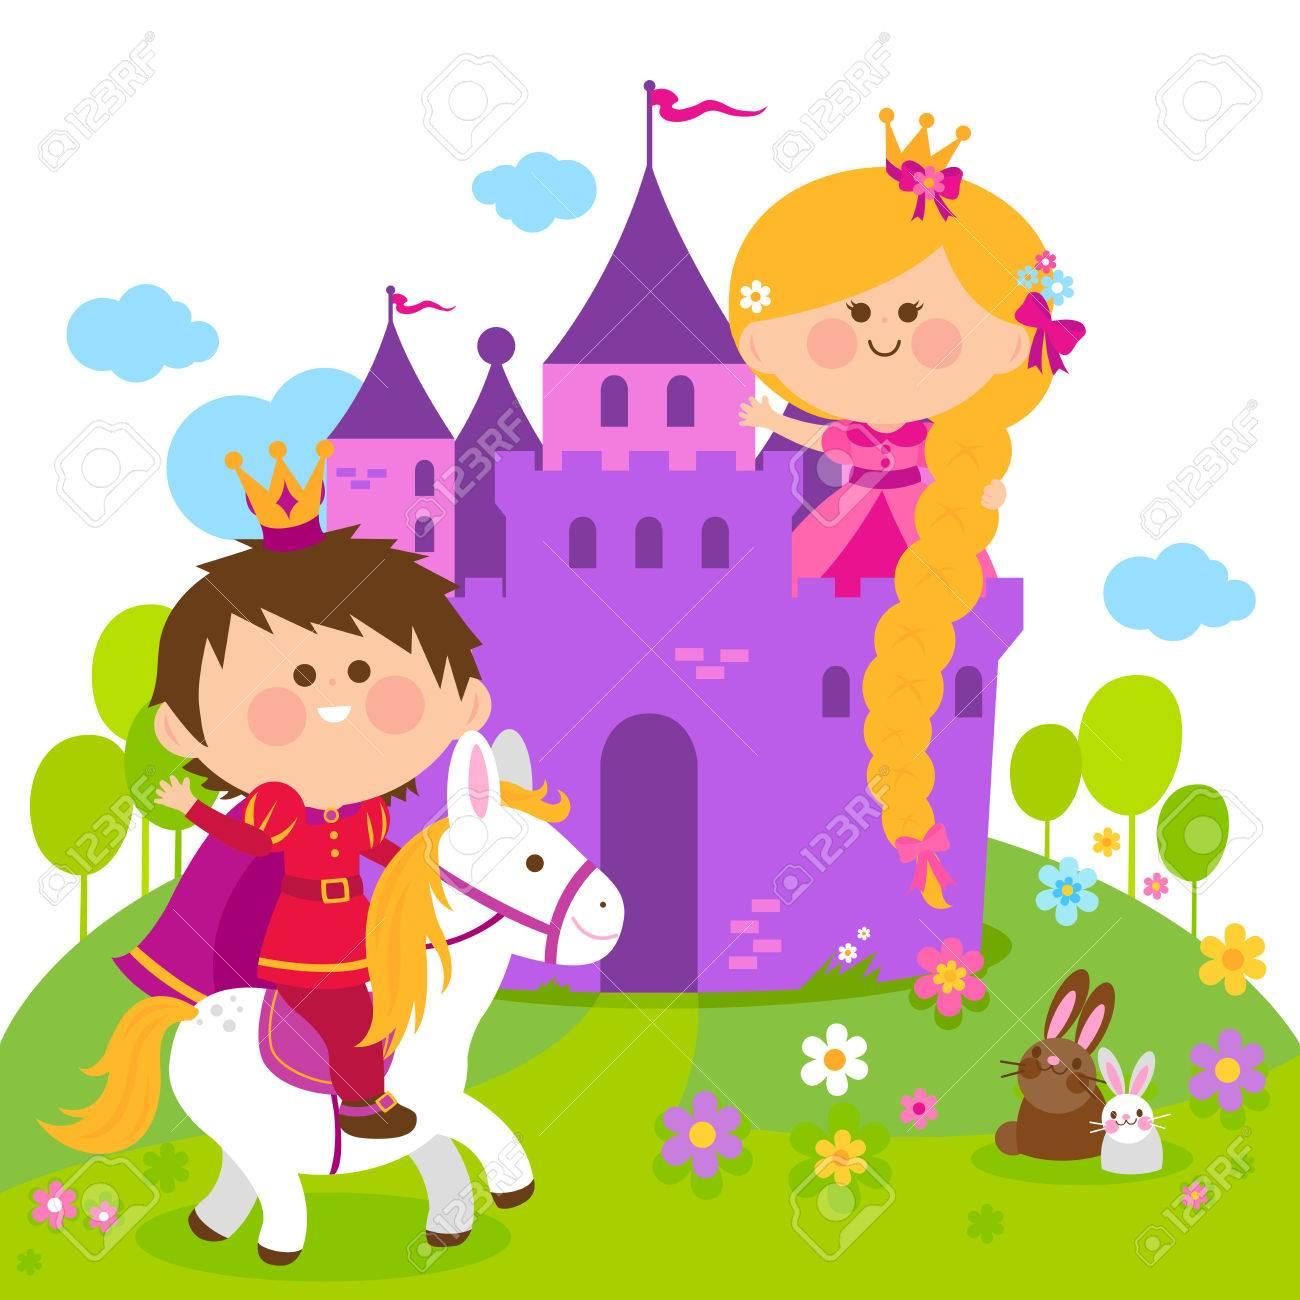 ラプンツェル城と馬に乗って王子おとぎ話の王女のイラスト素材ベクタ